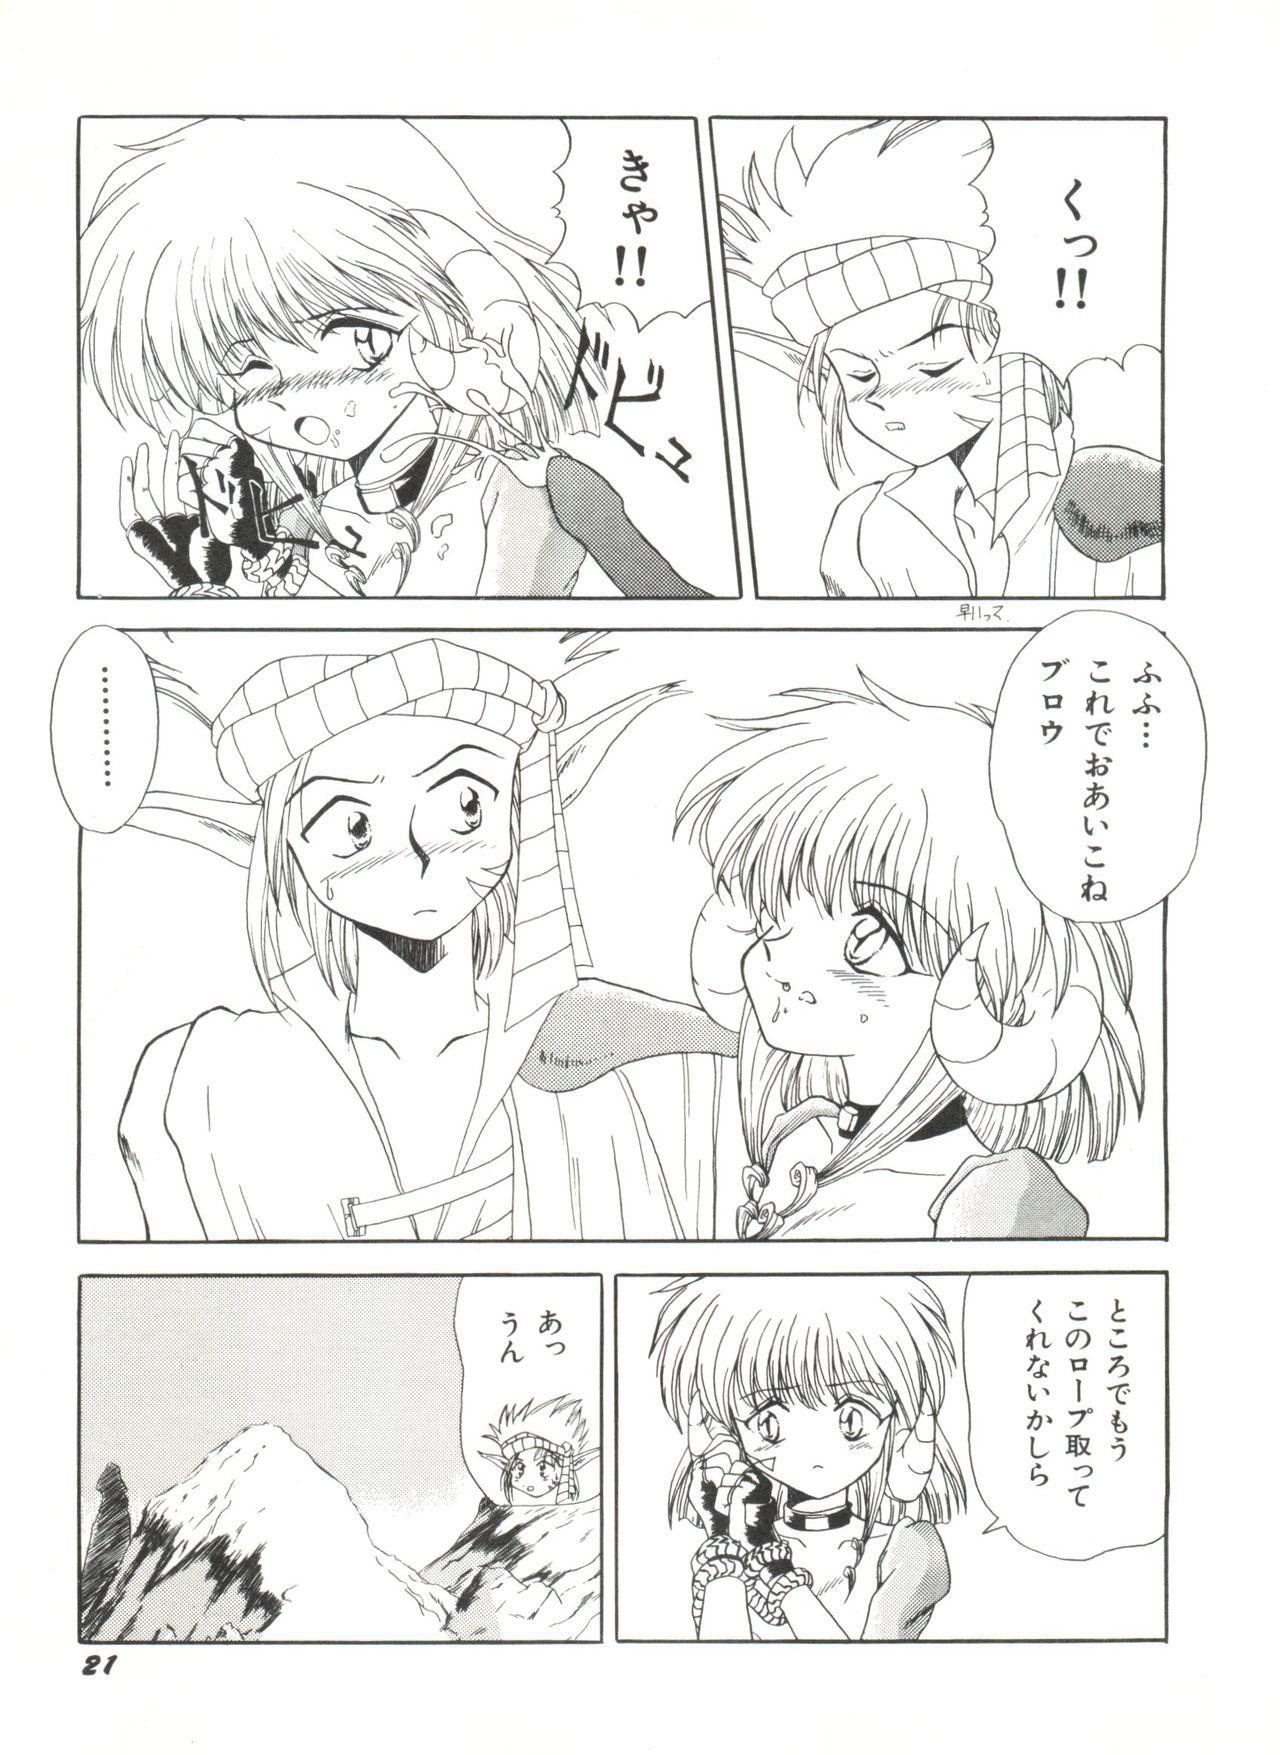 Bishoujo Doujinshi Anthology 6 24